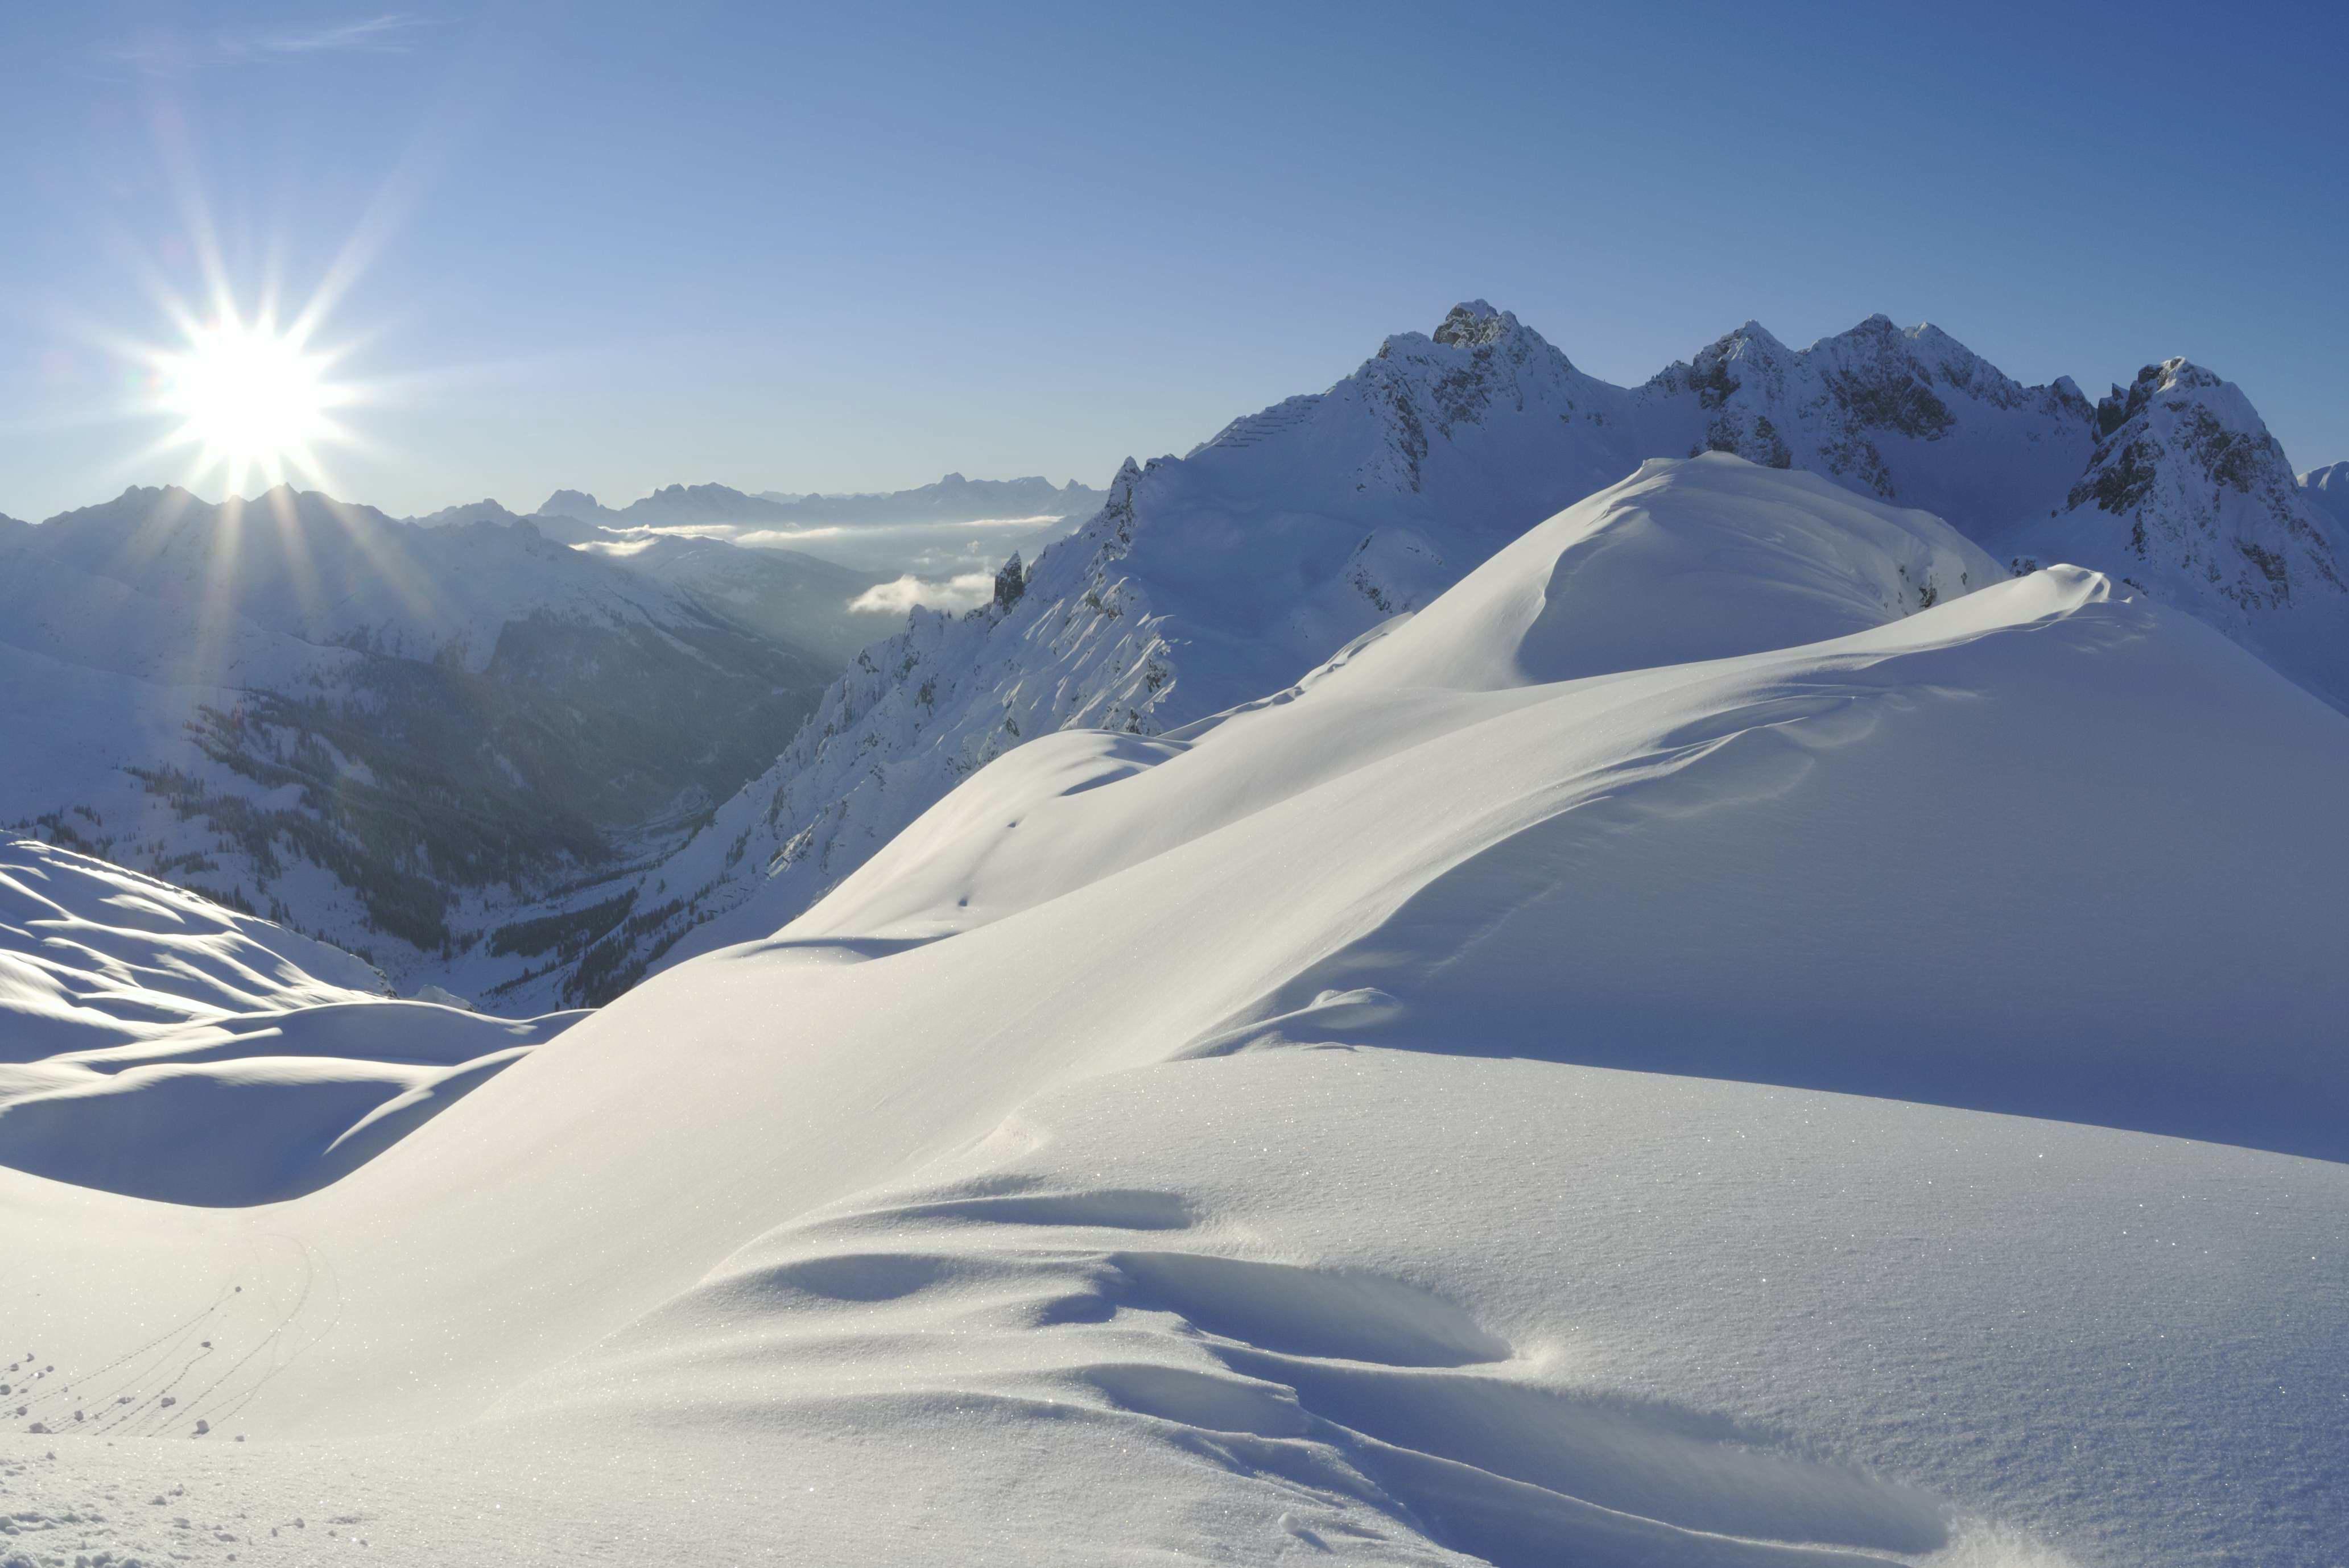 Lech+Zuers+am+Arlberg+Erzbergspitze+by+Sepp+Mallaun+(c)+LZTG